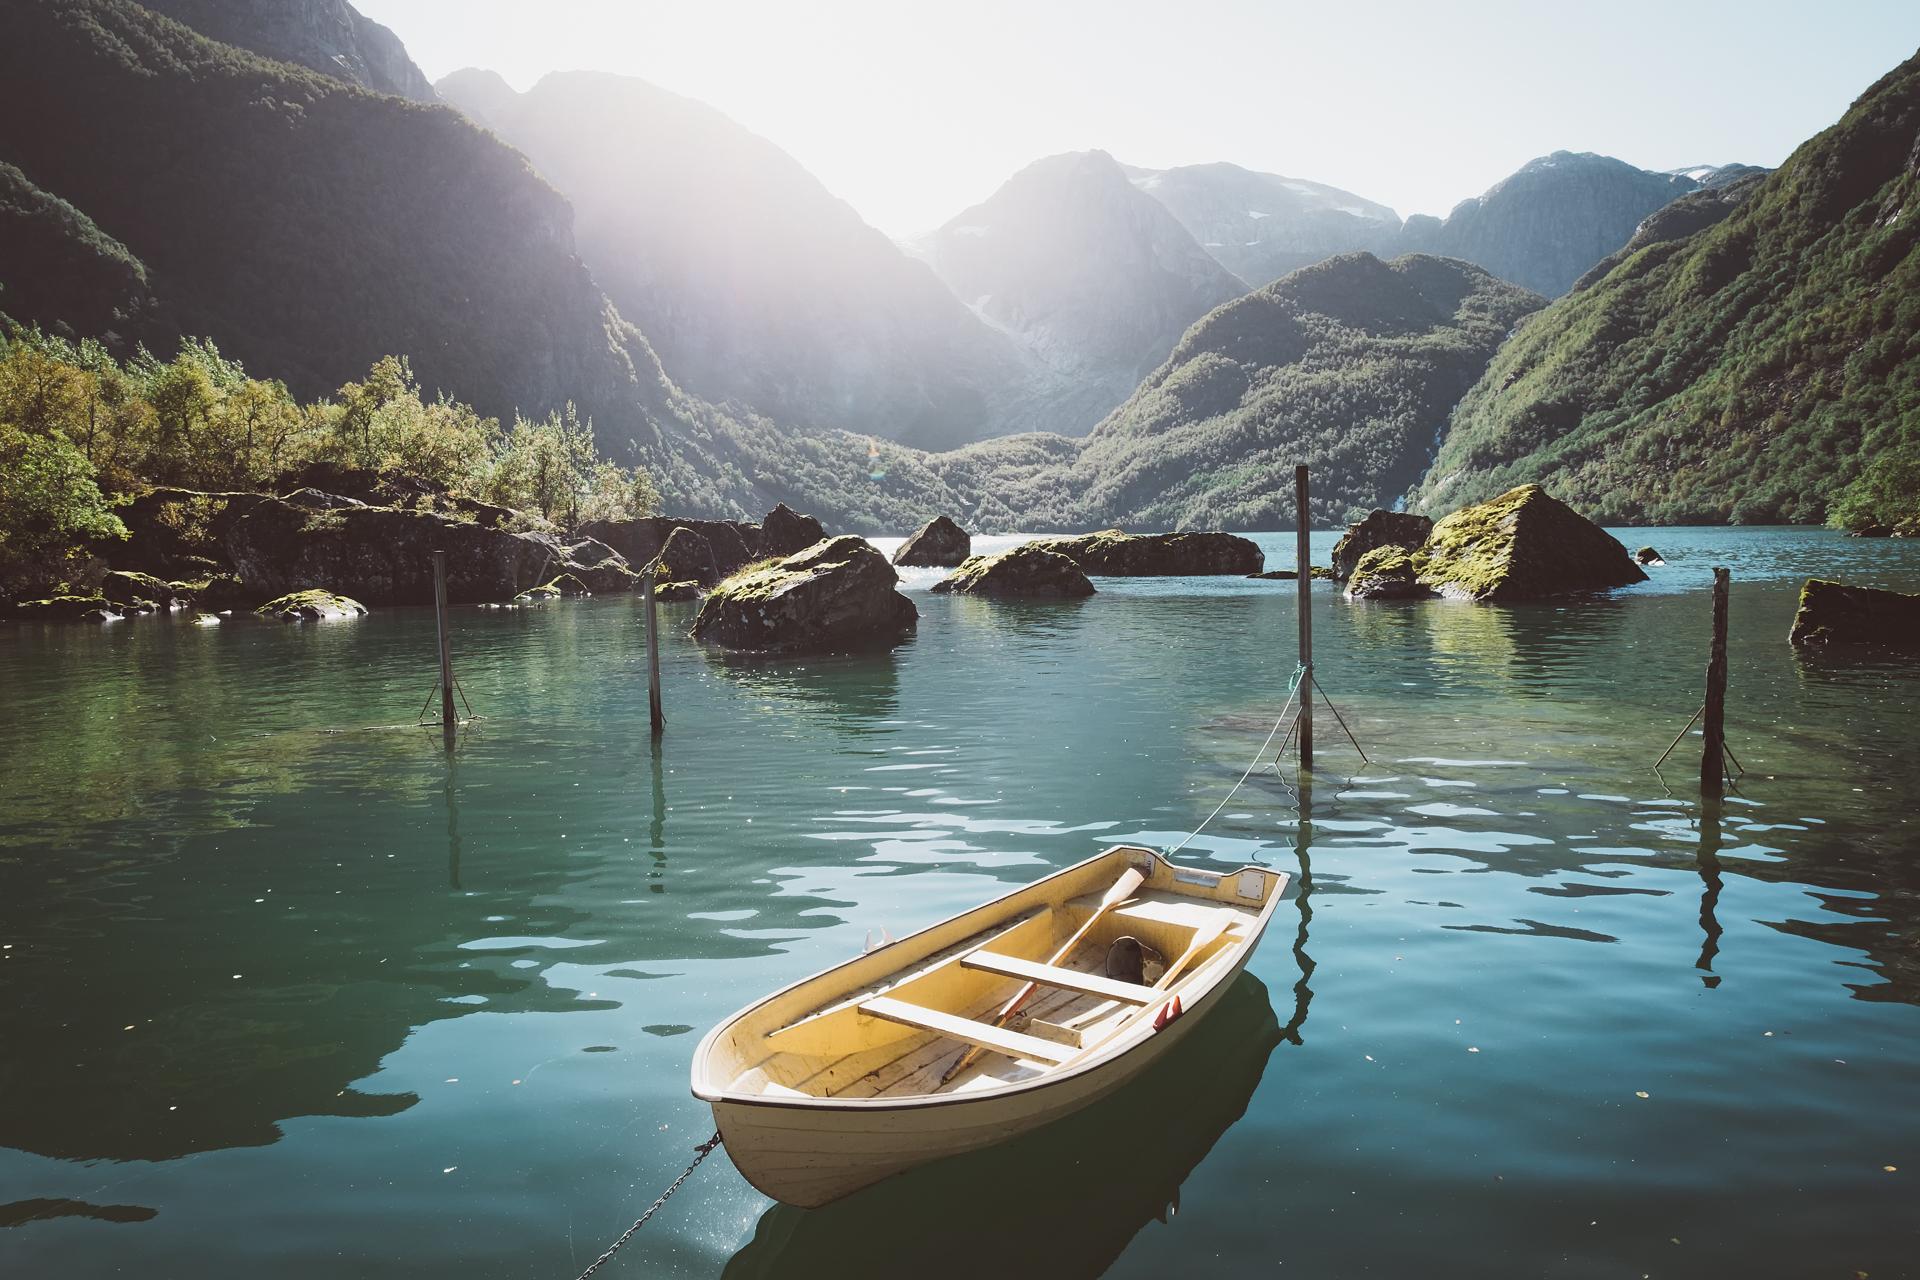 norway-hardangerfjord-1920-15